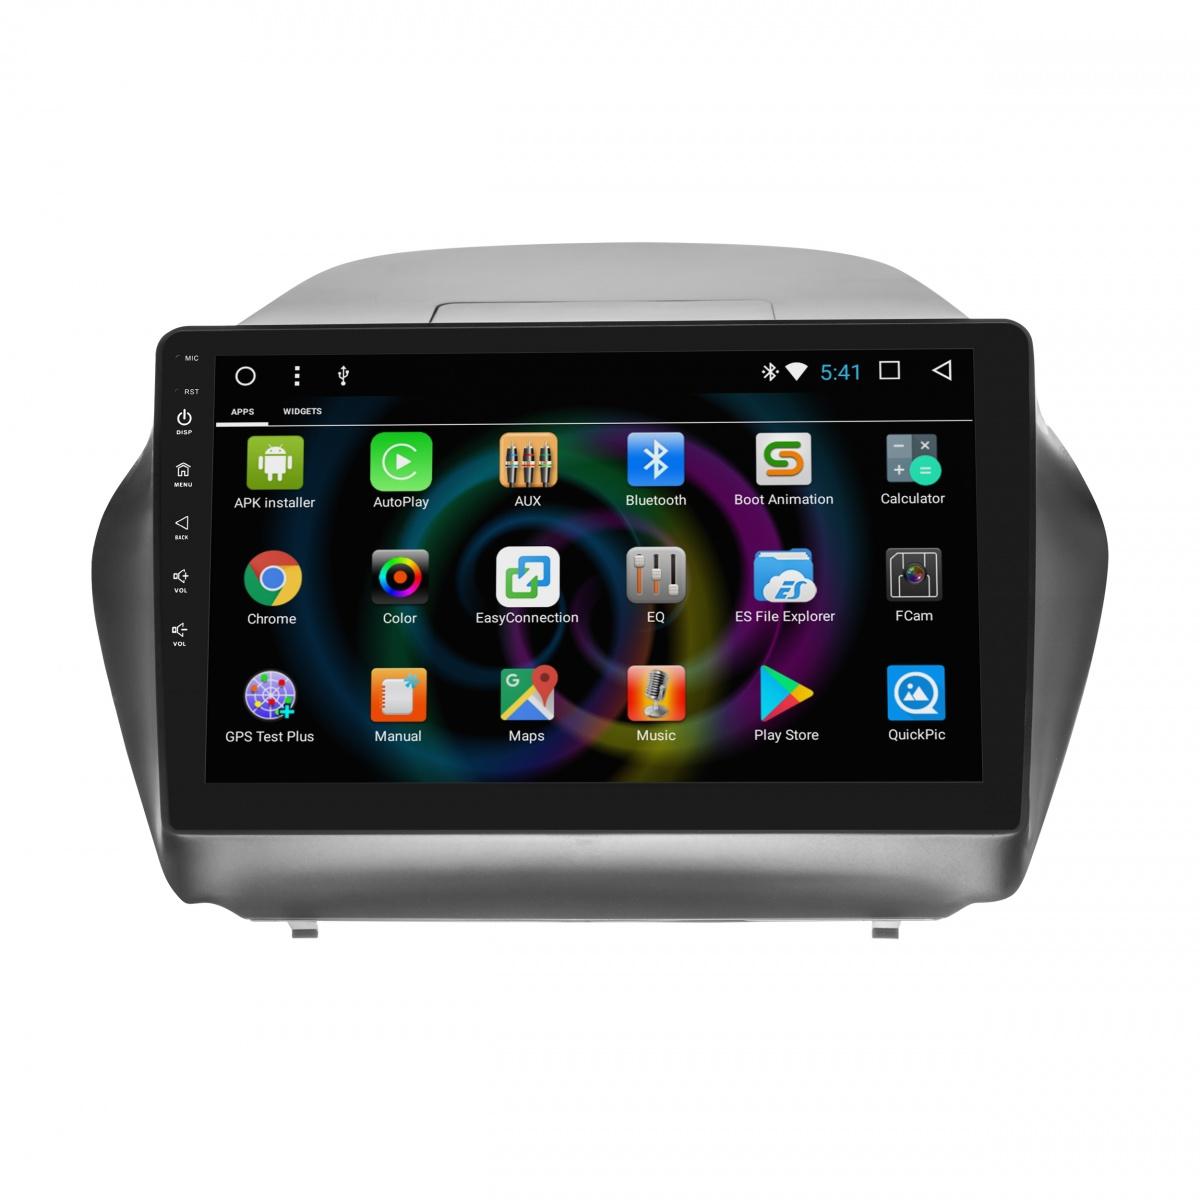 Штатное головное устройство MyDean B361 для Hyundai ix35 (2010-2015) (+ Камера заднего вида в подарок!) штатное головное устройство mydean b546 для hyundai tucson 2015 2018 камера заднего вида в подарок